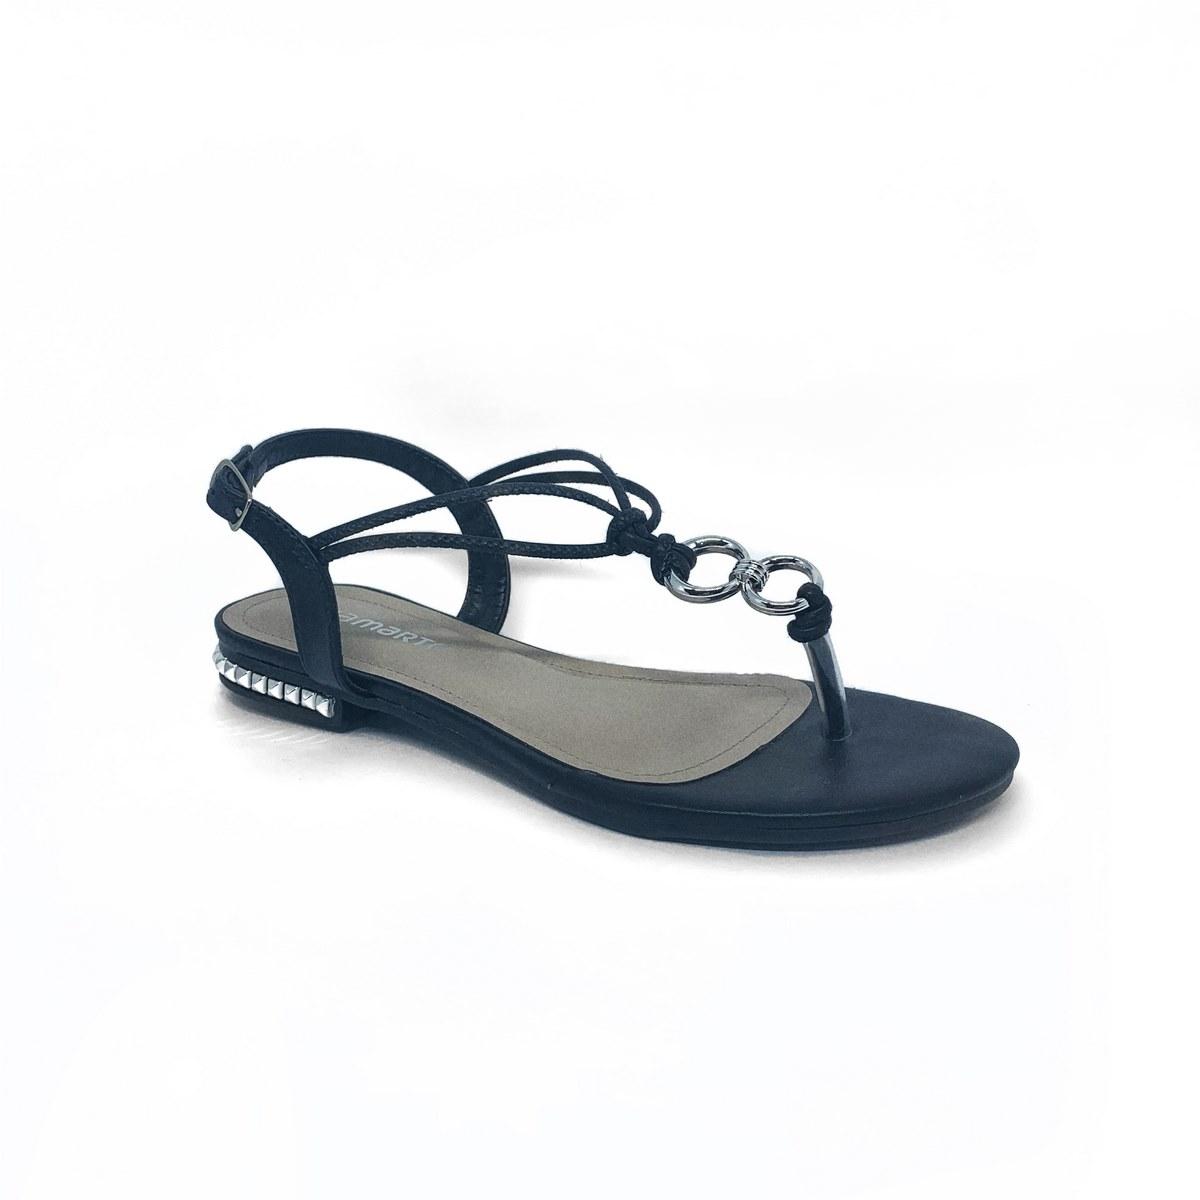 sandalia via marte preta